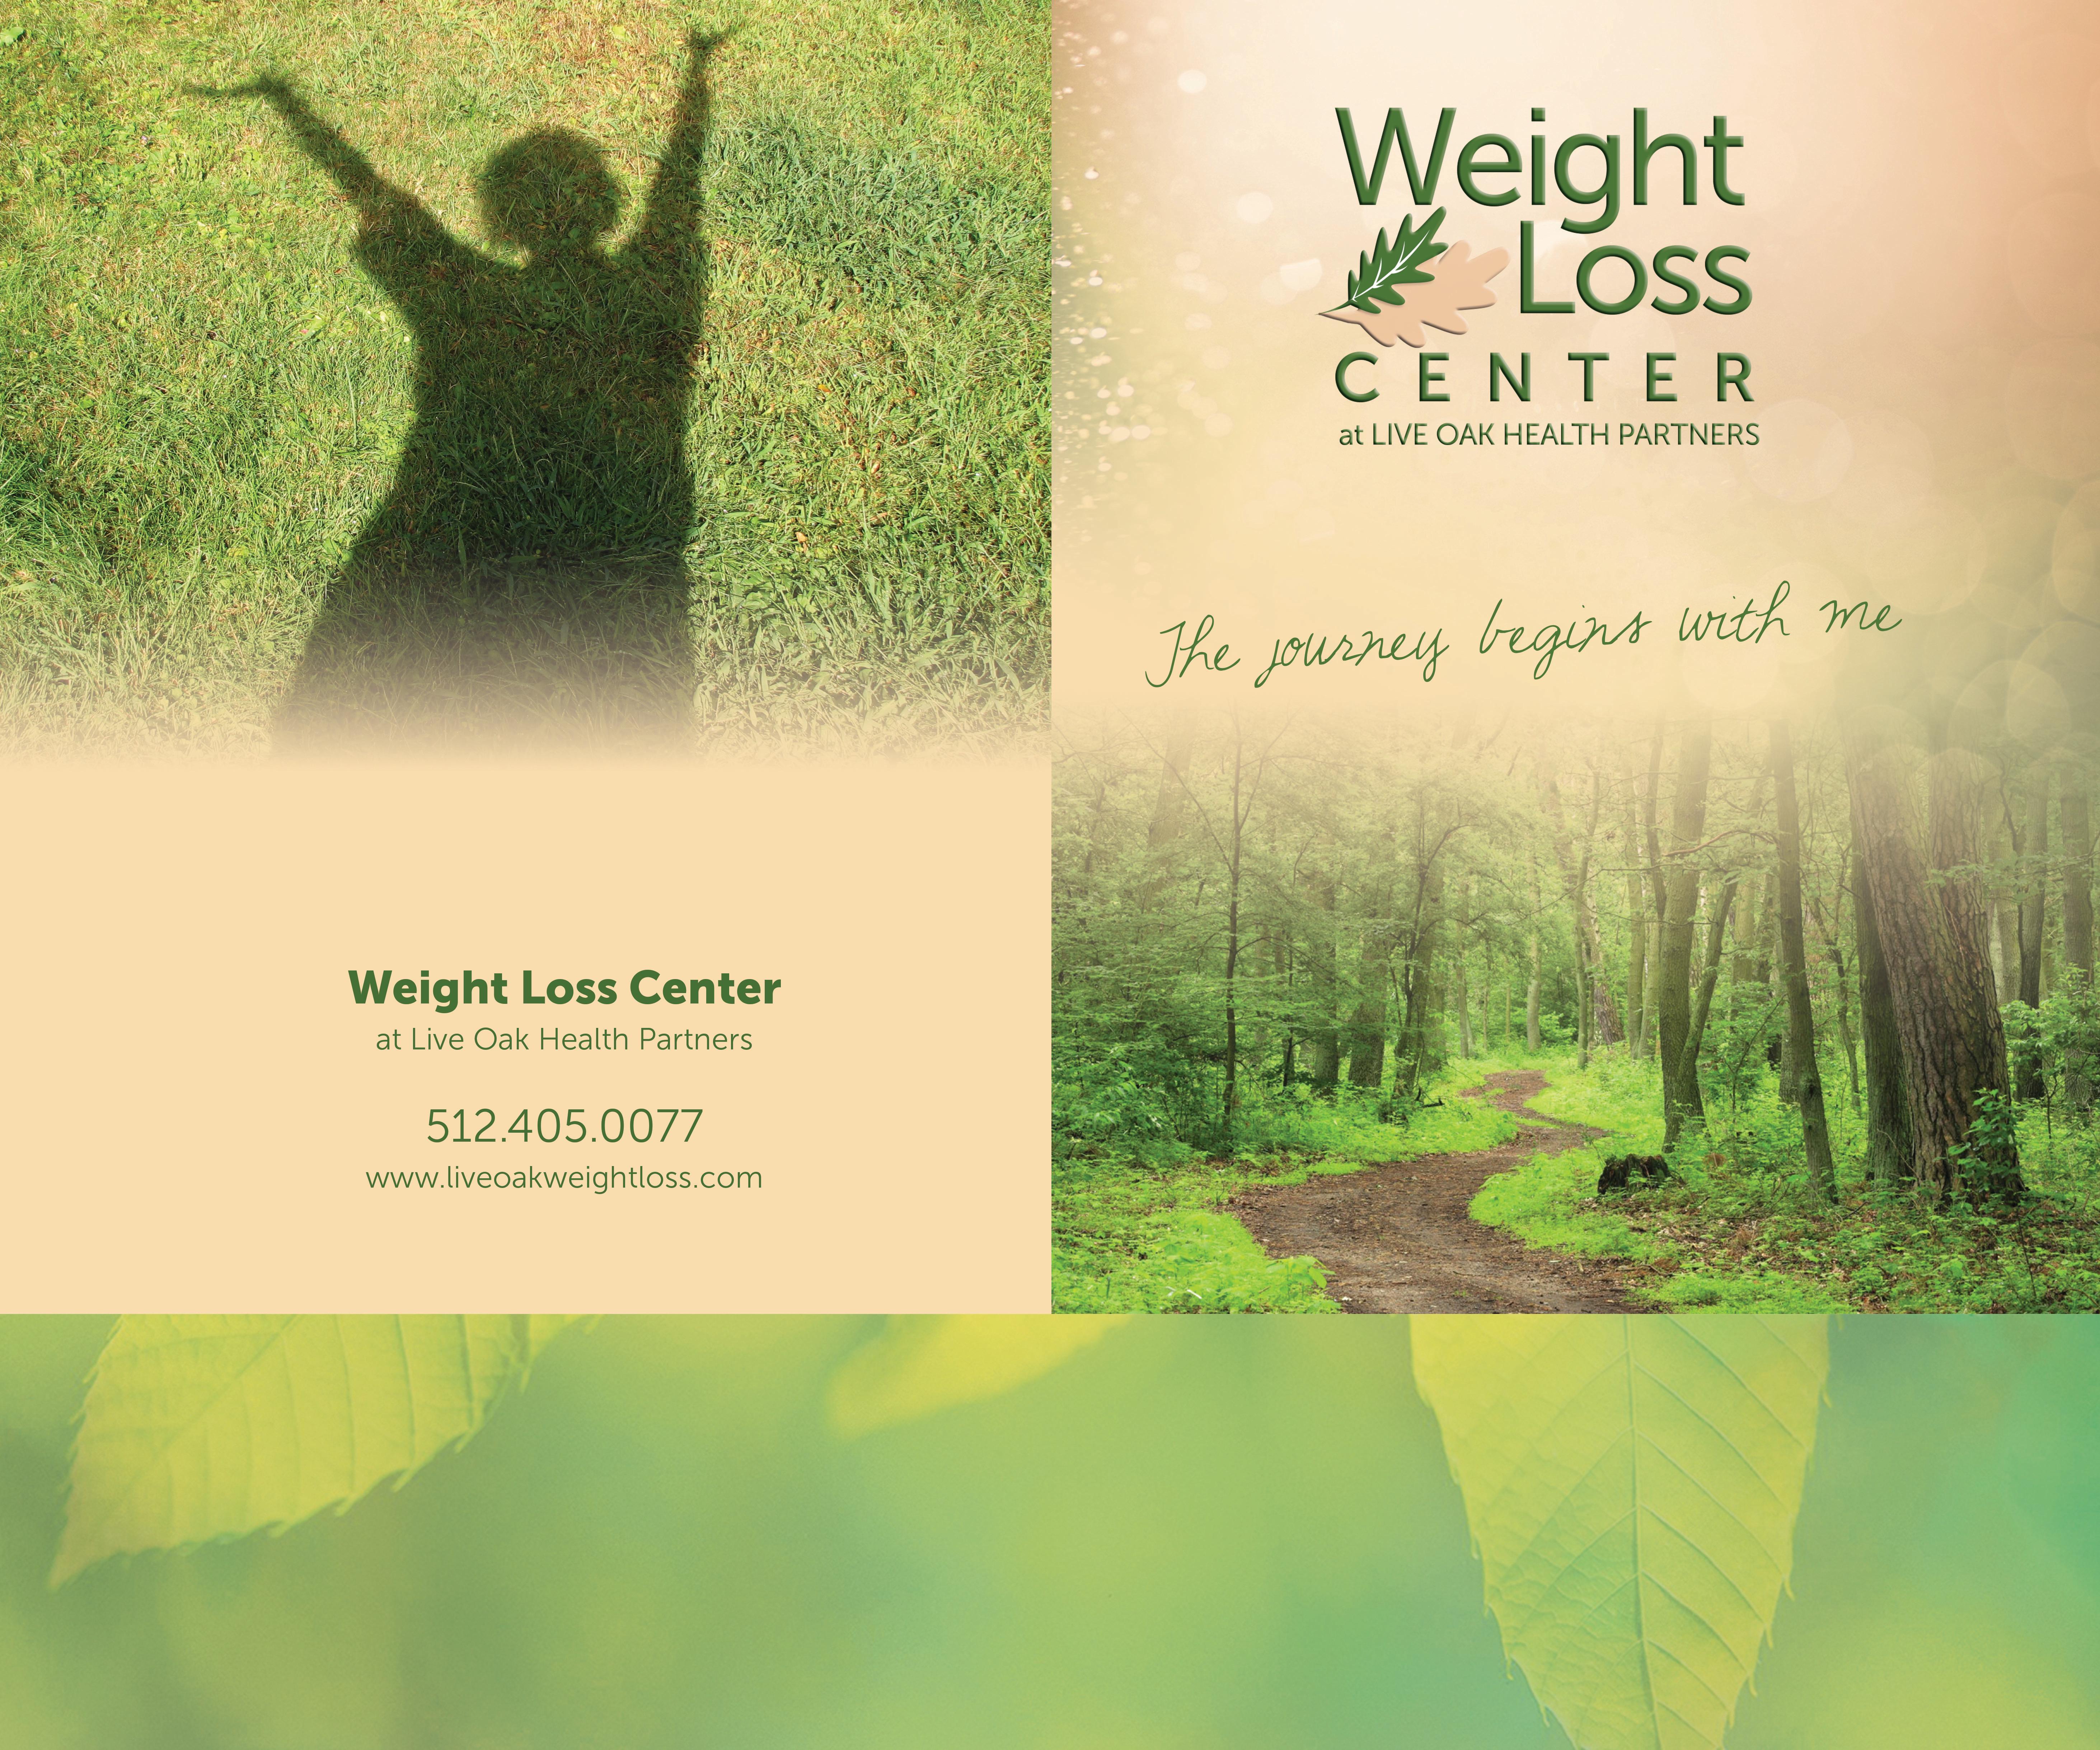 Weight Loss Center Folder